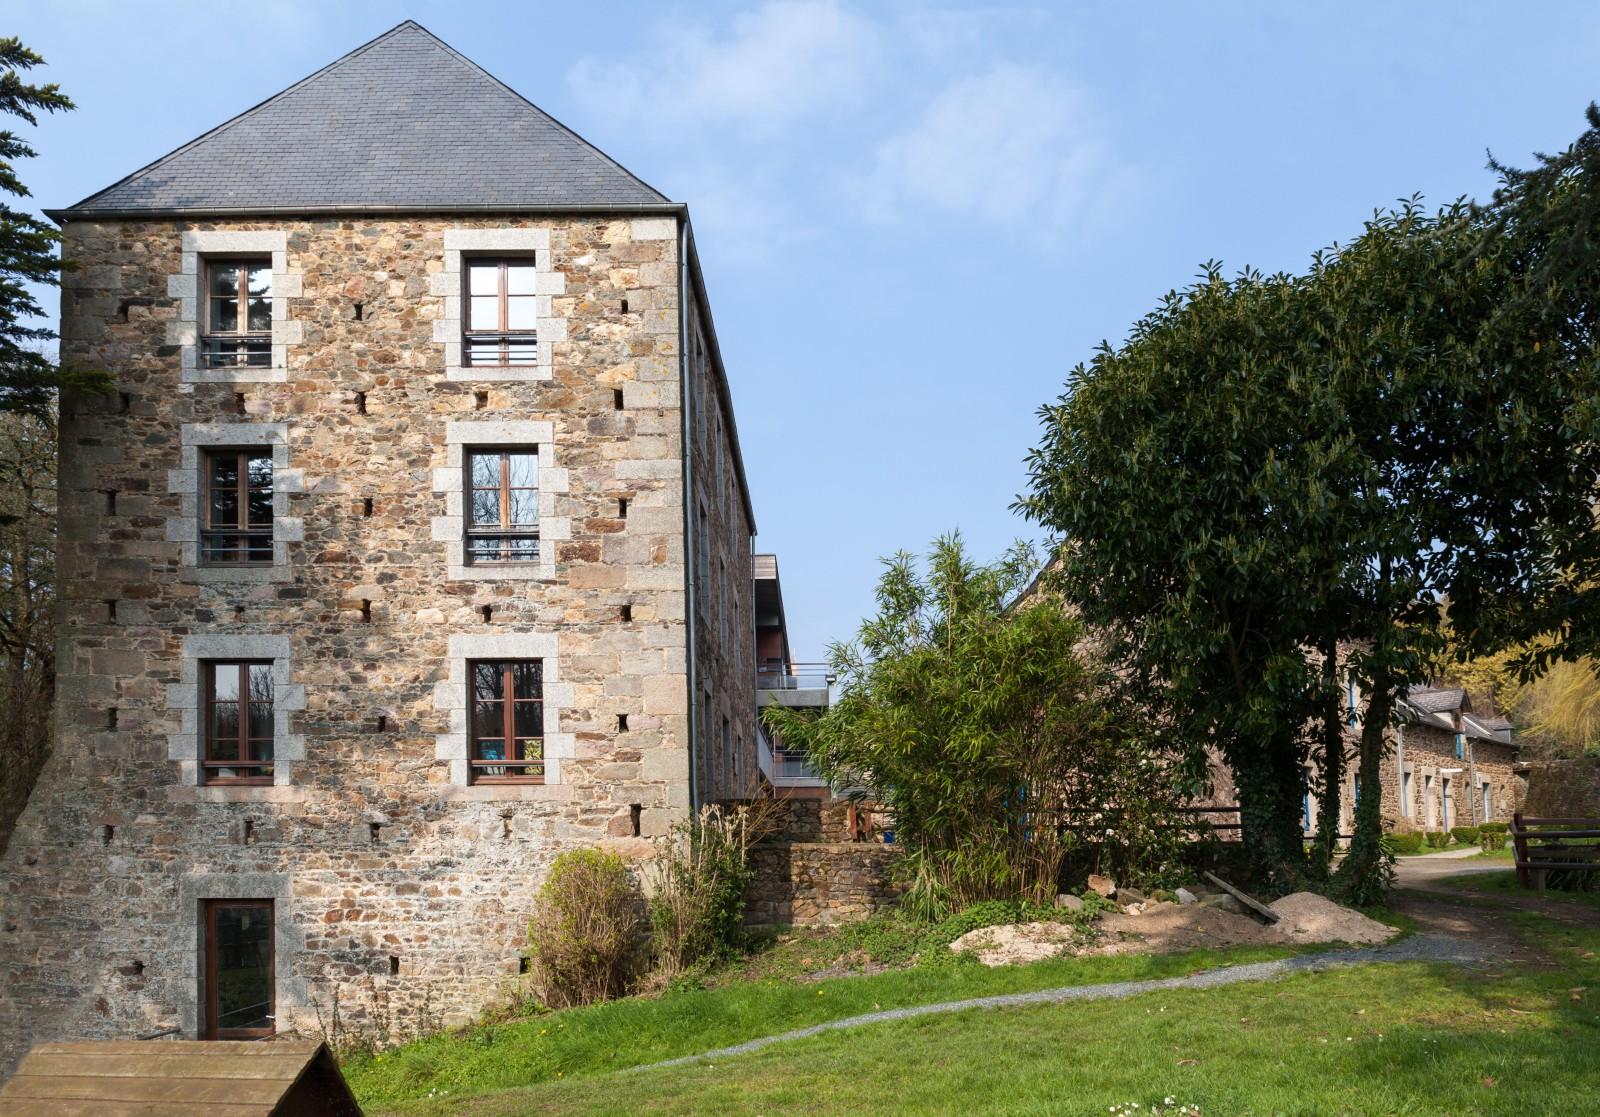 Moulin blanchardeau 6